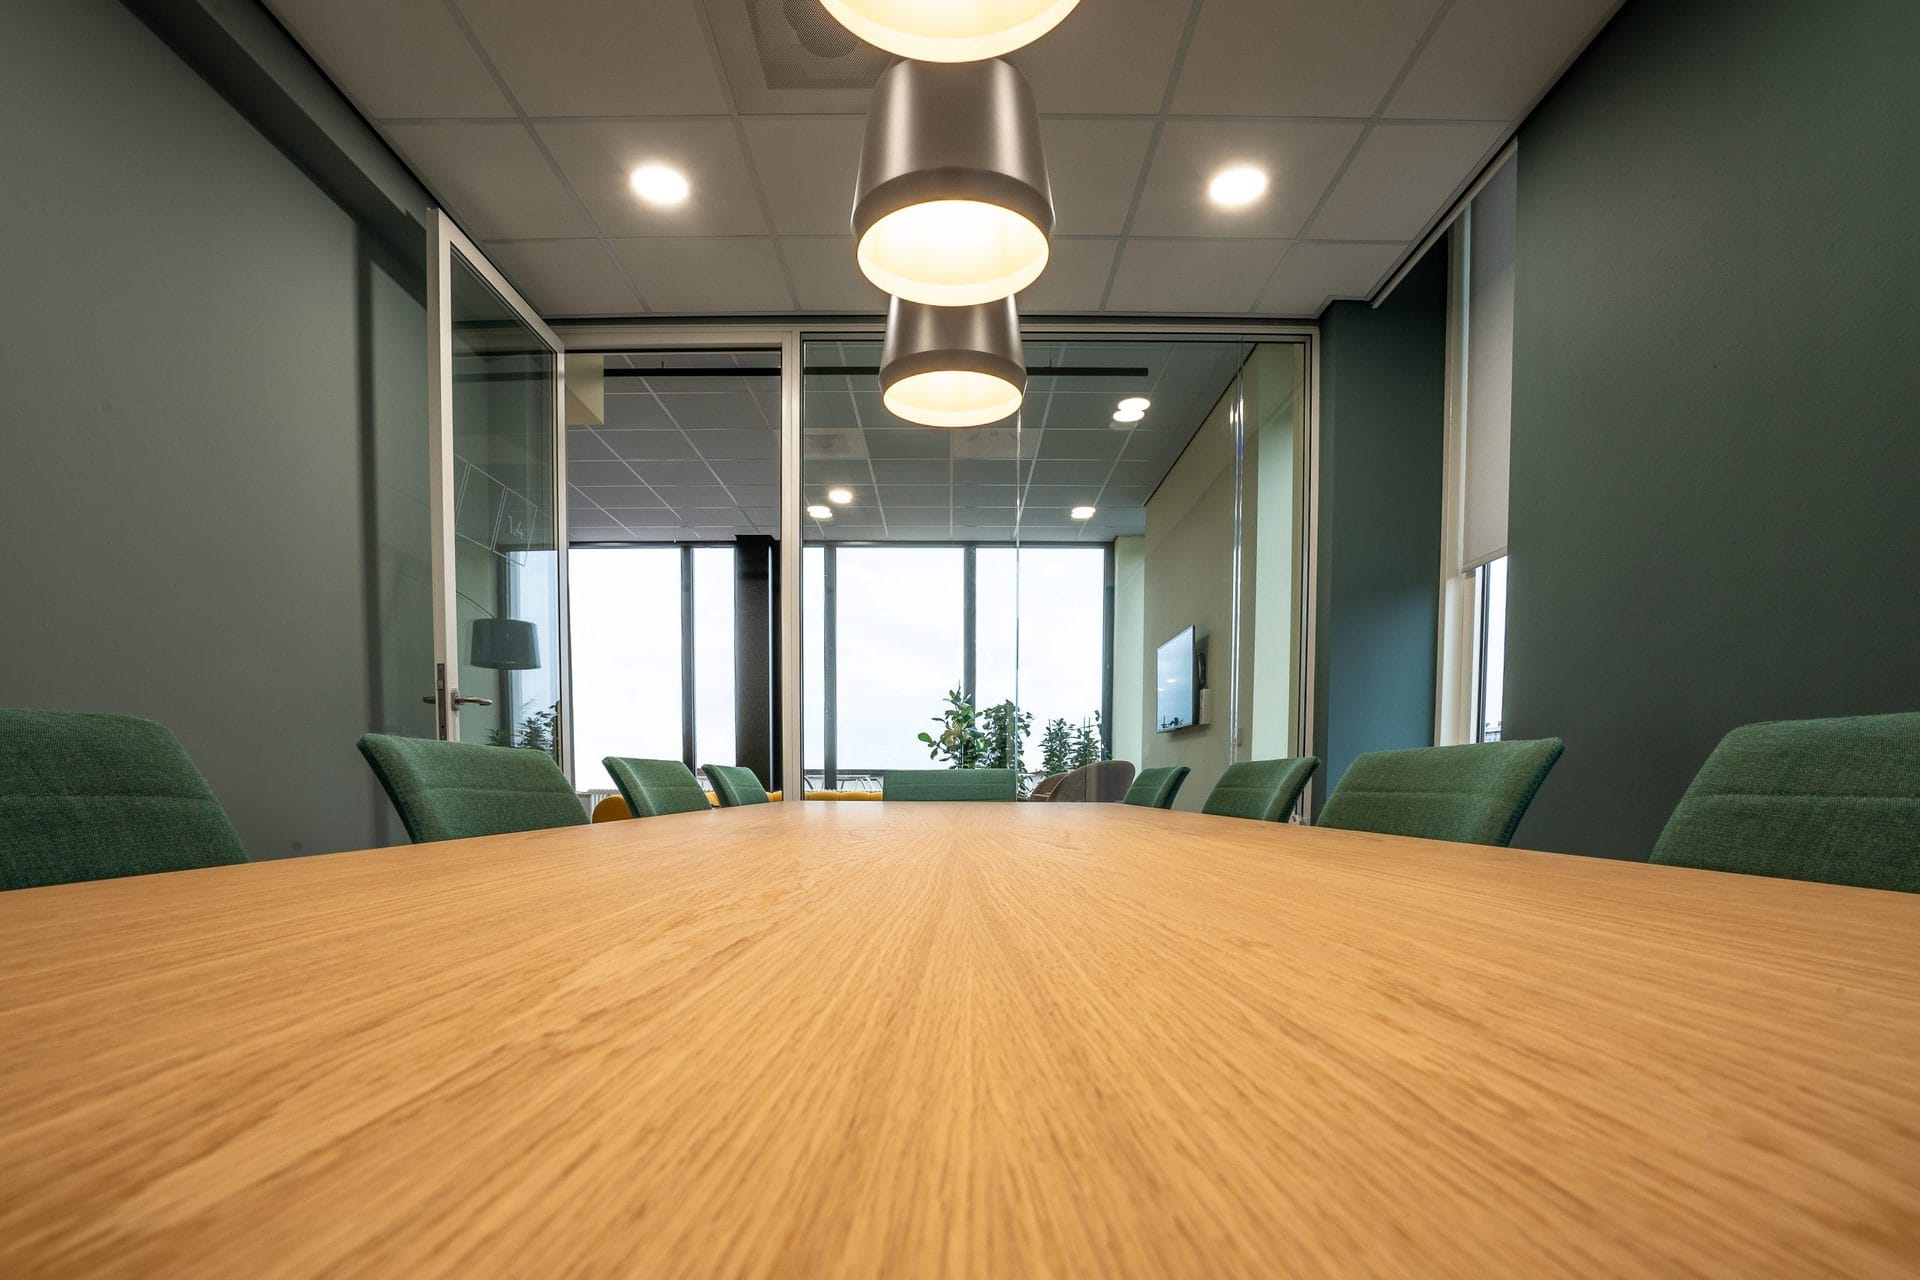 La catégorisation des nuisances sonores d'un environnement de travail